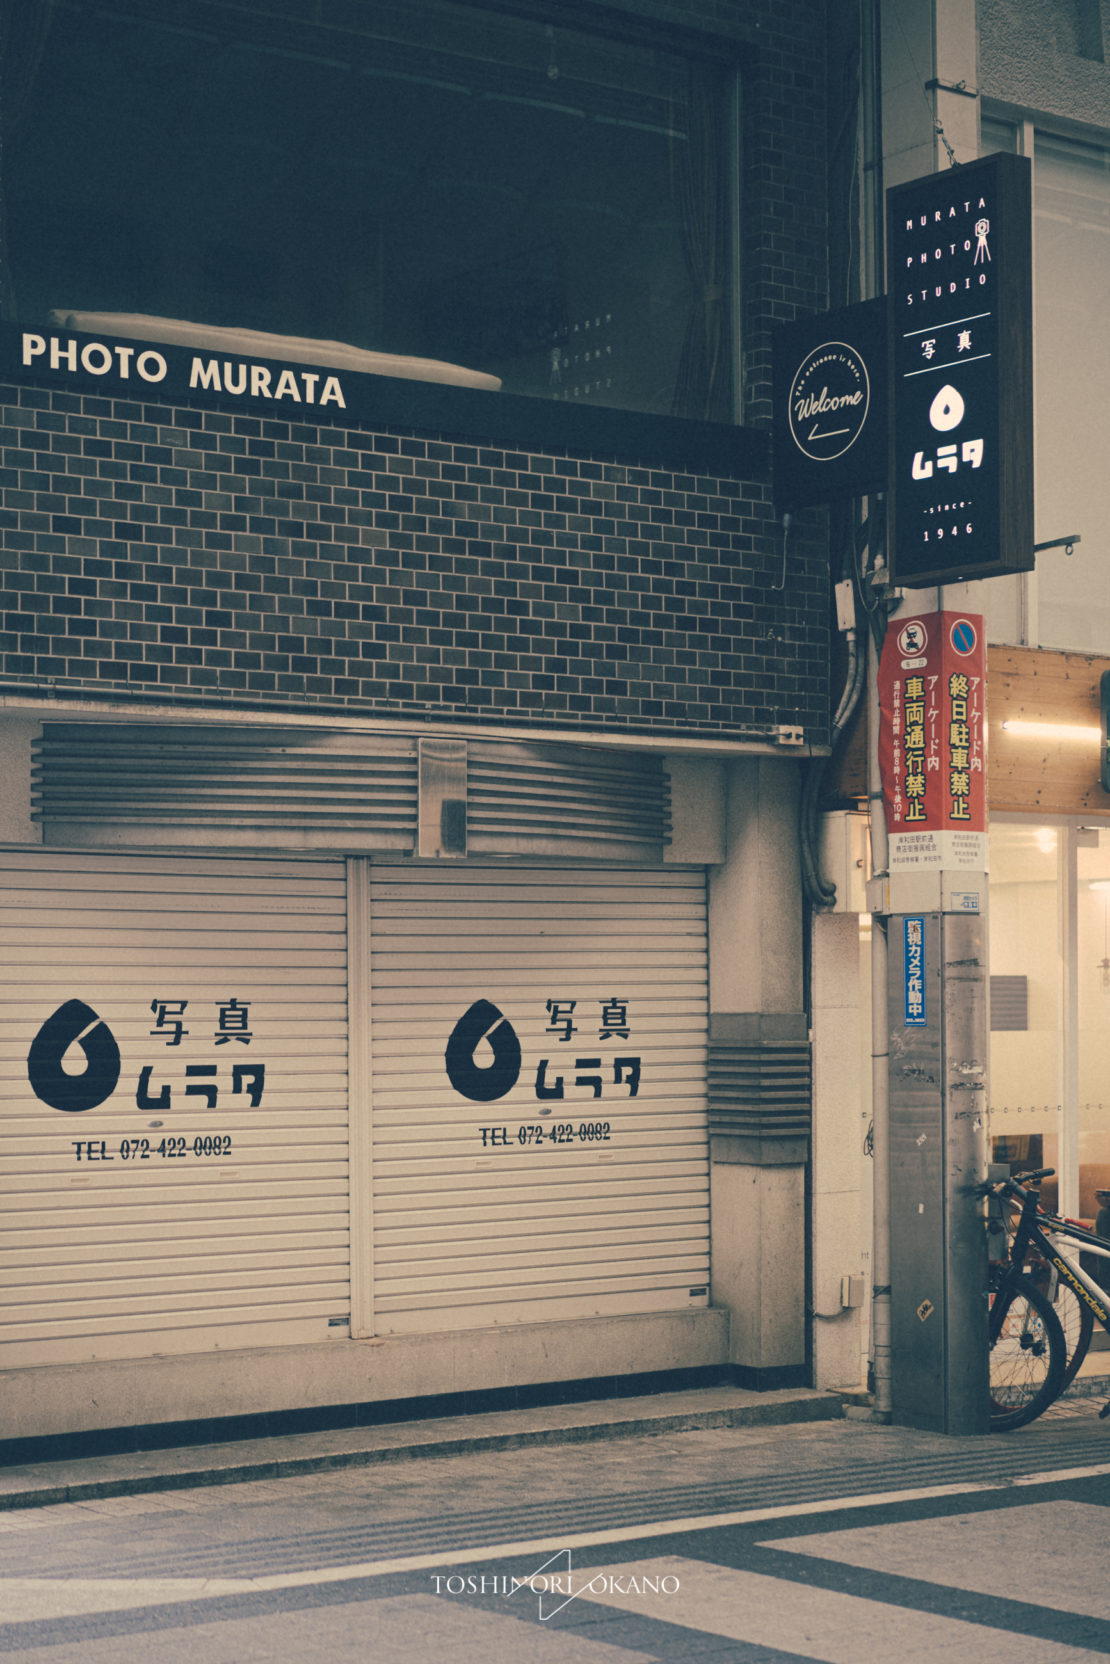 ムラタフォトスタジオ